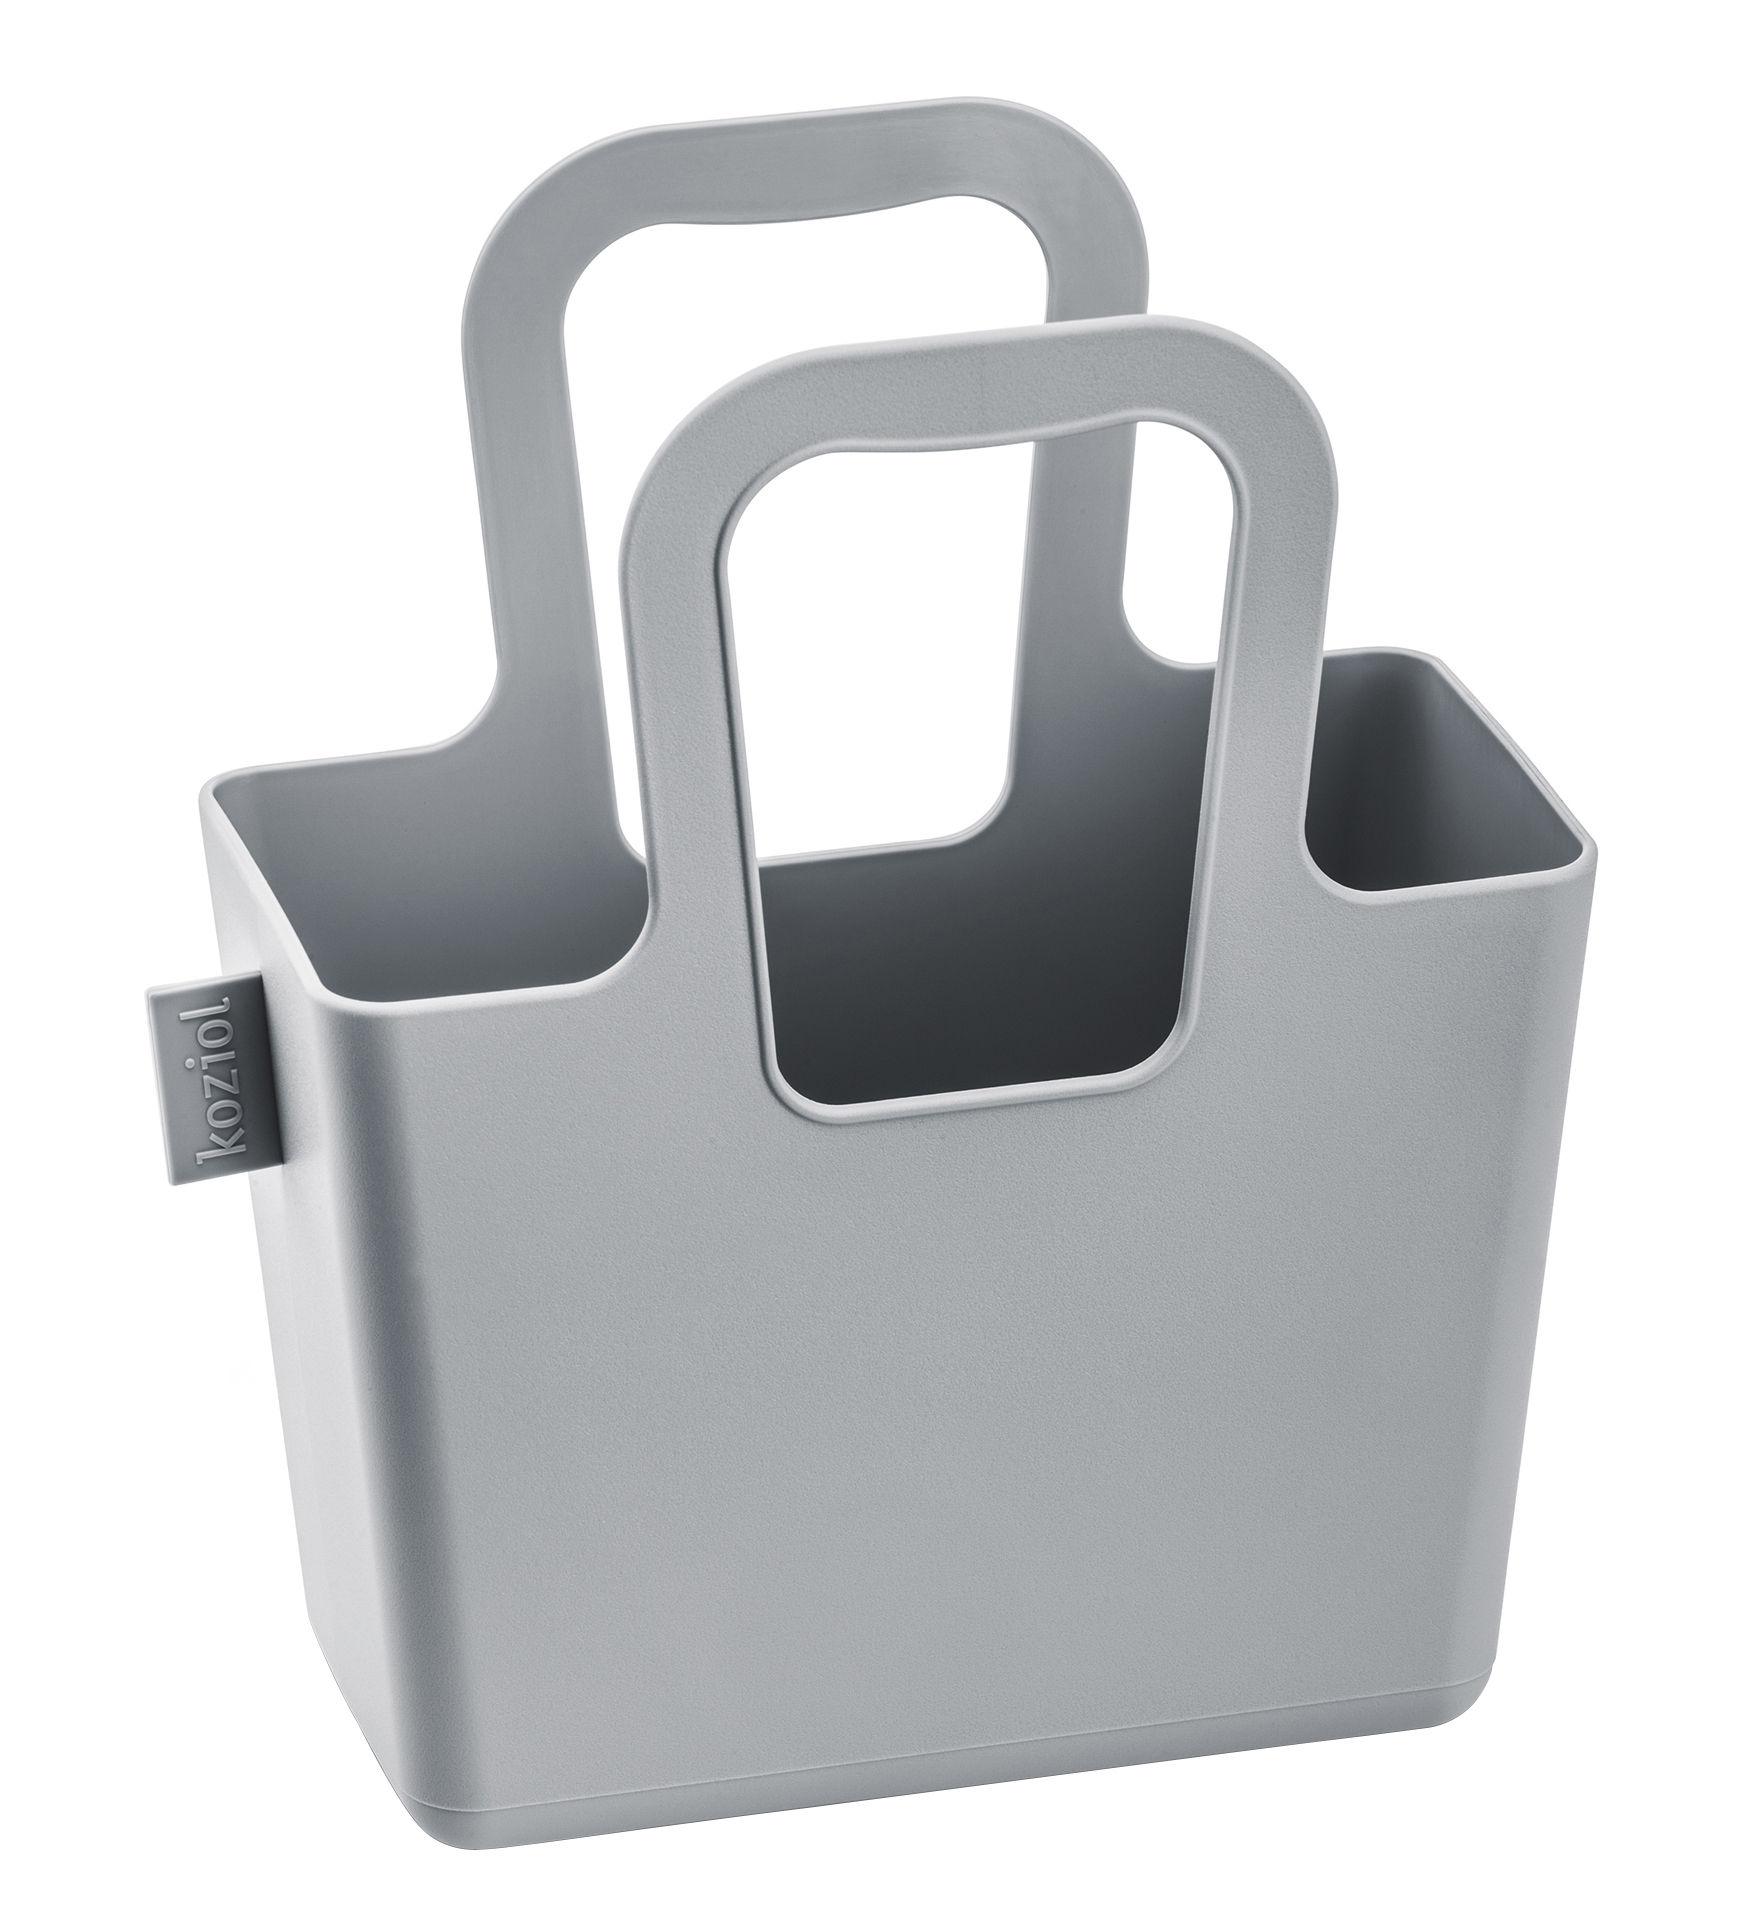 Accessoires - Sacs, trousses, porte-monnaie... - Panier Taschelini / L 18 x H 16 cm - Koziol - Gris clair - Matière plastique